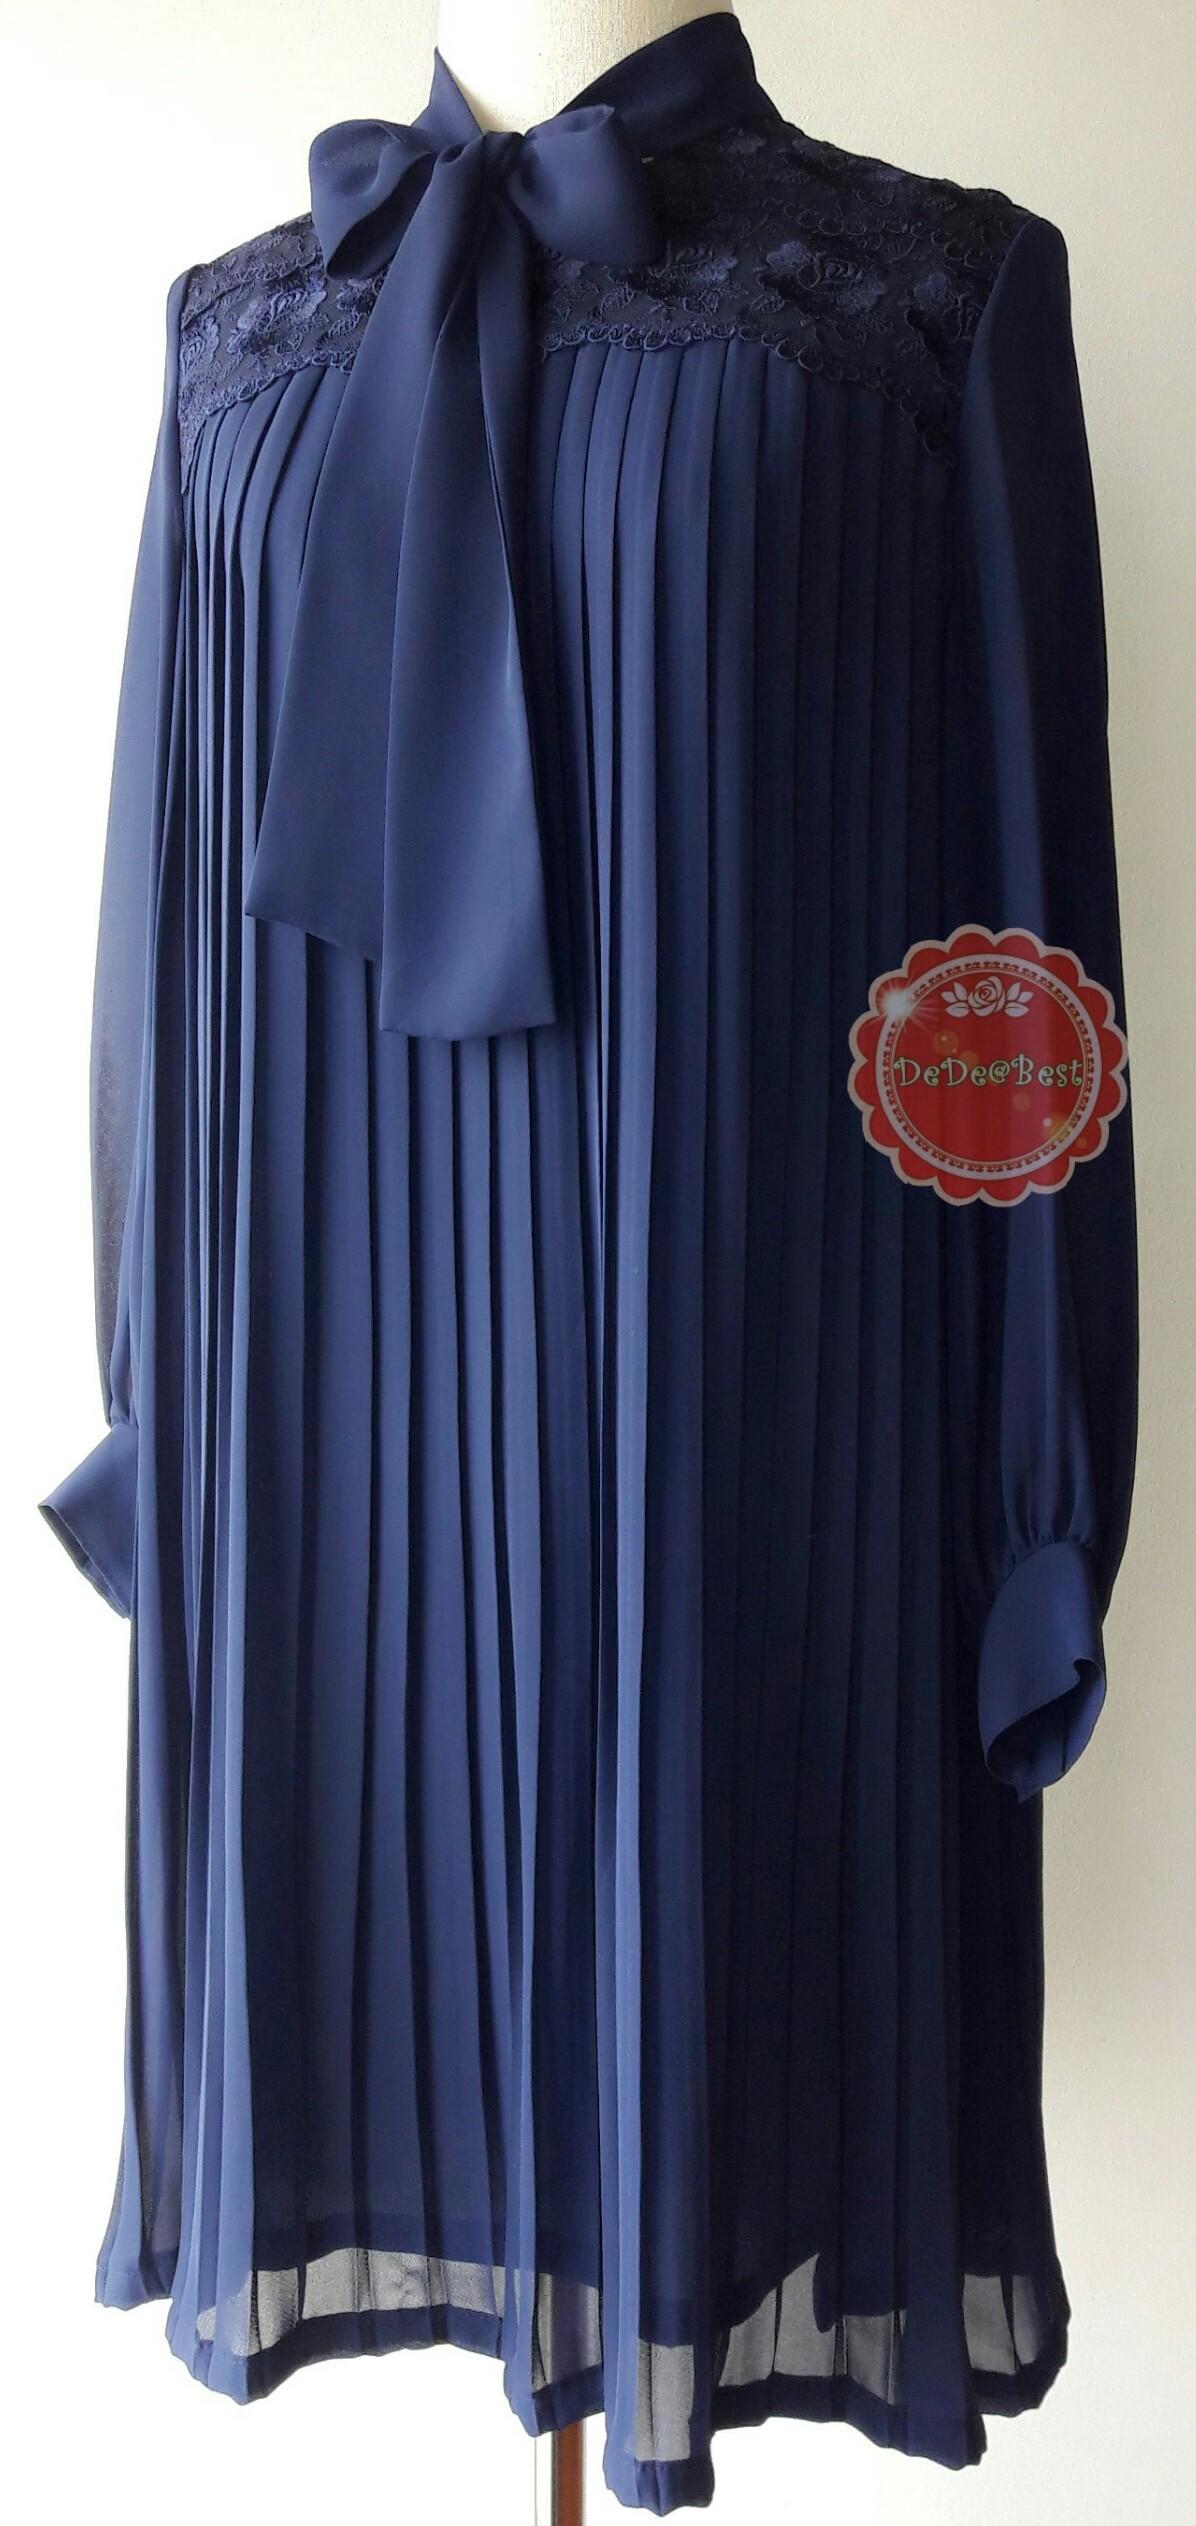 D55:Vintage dress เดรสวินเทจผ้าซีฟองสีน้ำเงิน อัดพรีทรอบชุด บ่าติดลูกไม้สวย ผูกโบว์ที่คอเสื้อ